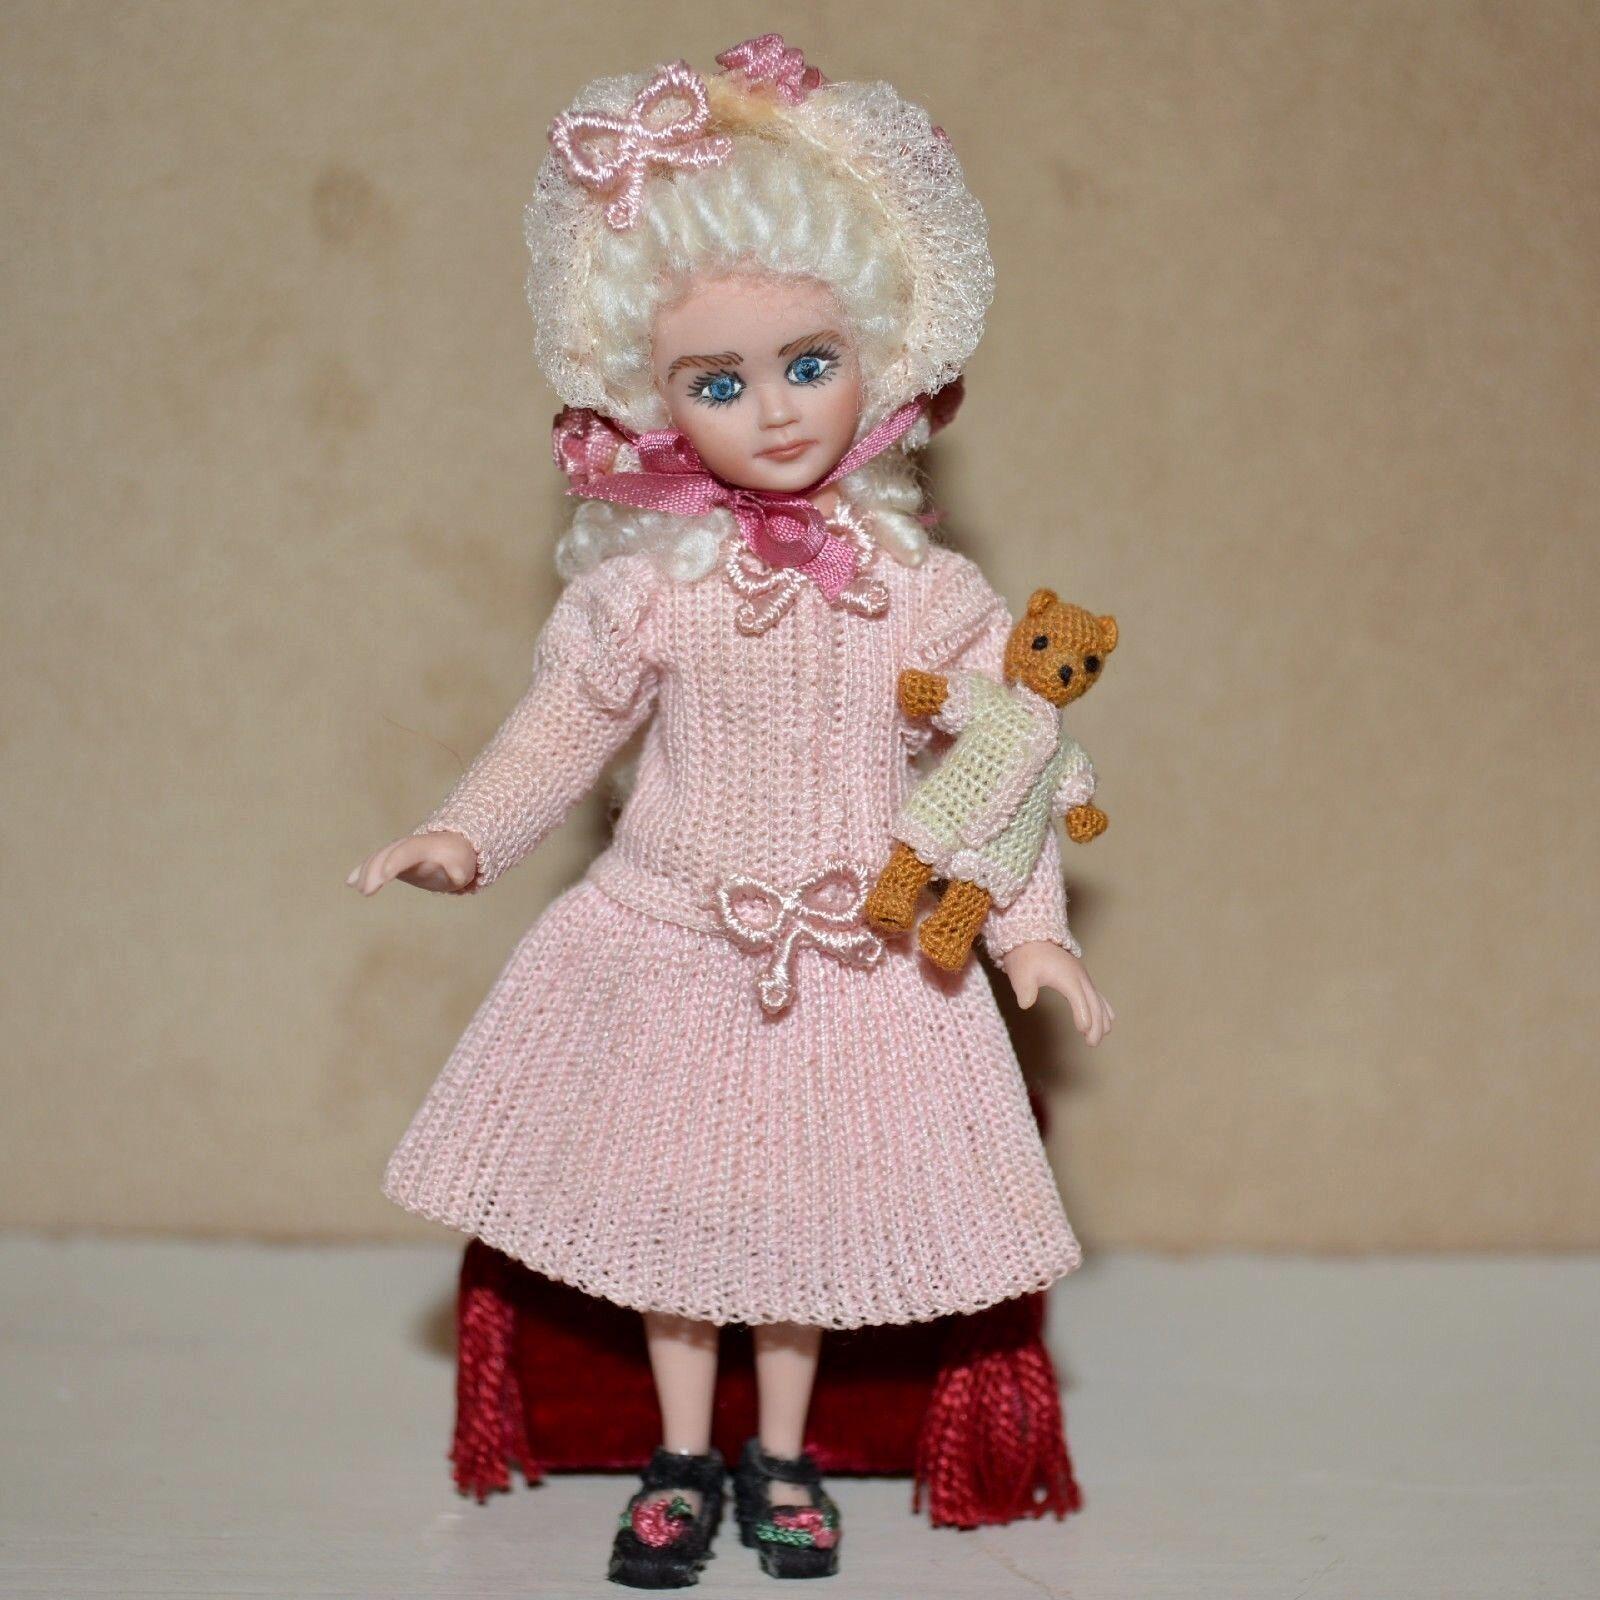 Muñeca De Porcelana En Miniatura Casa de muñecas deTheHundrossosDiamond